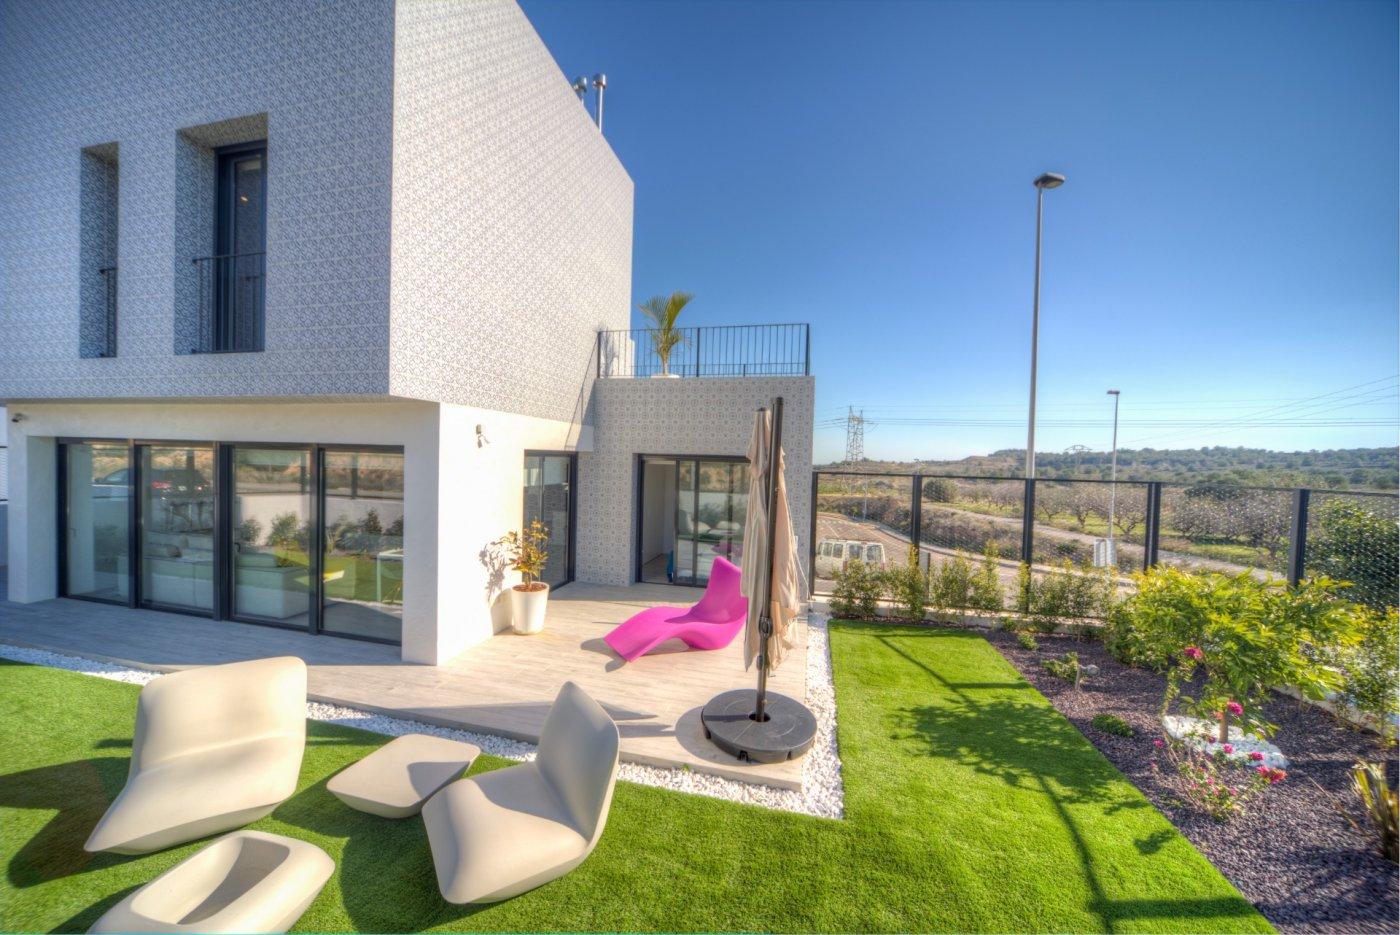 Hermosa villa en venta en san miguel salinas - imagenInmueble0